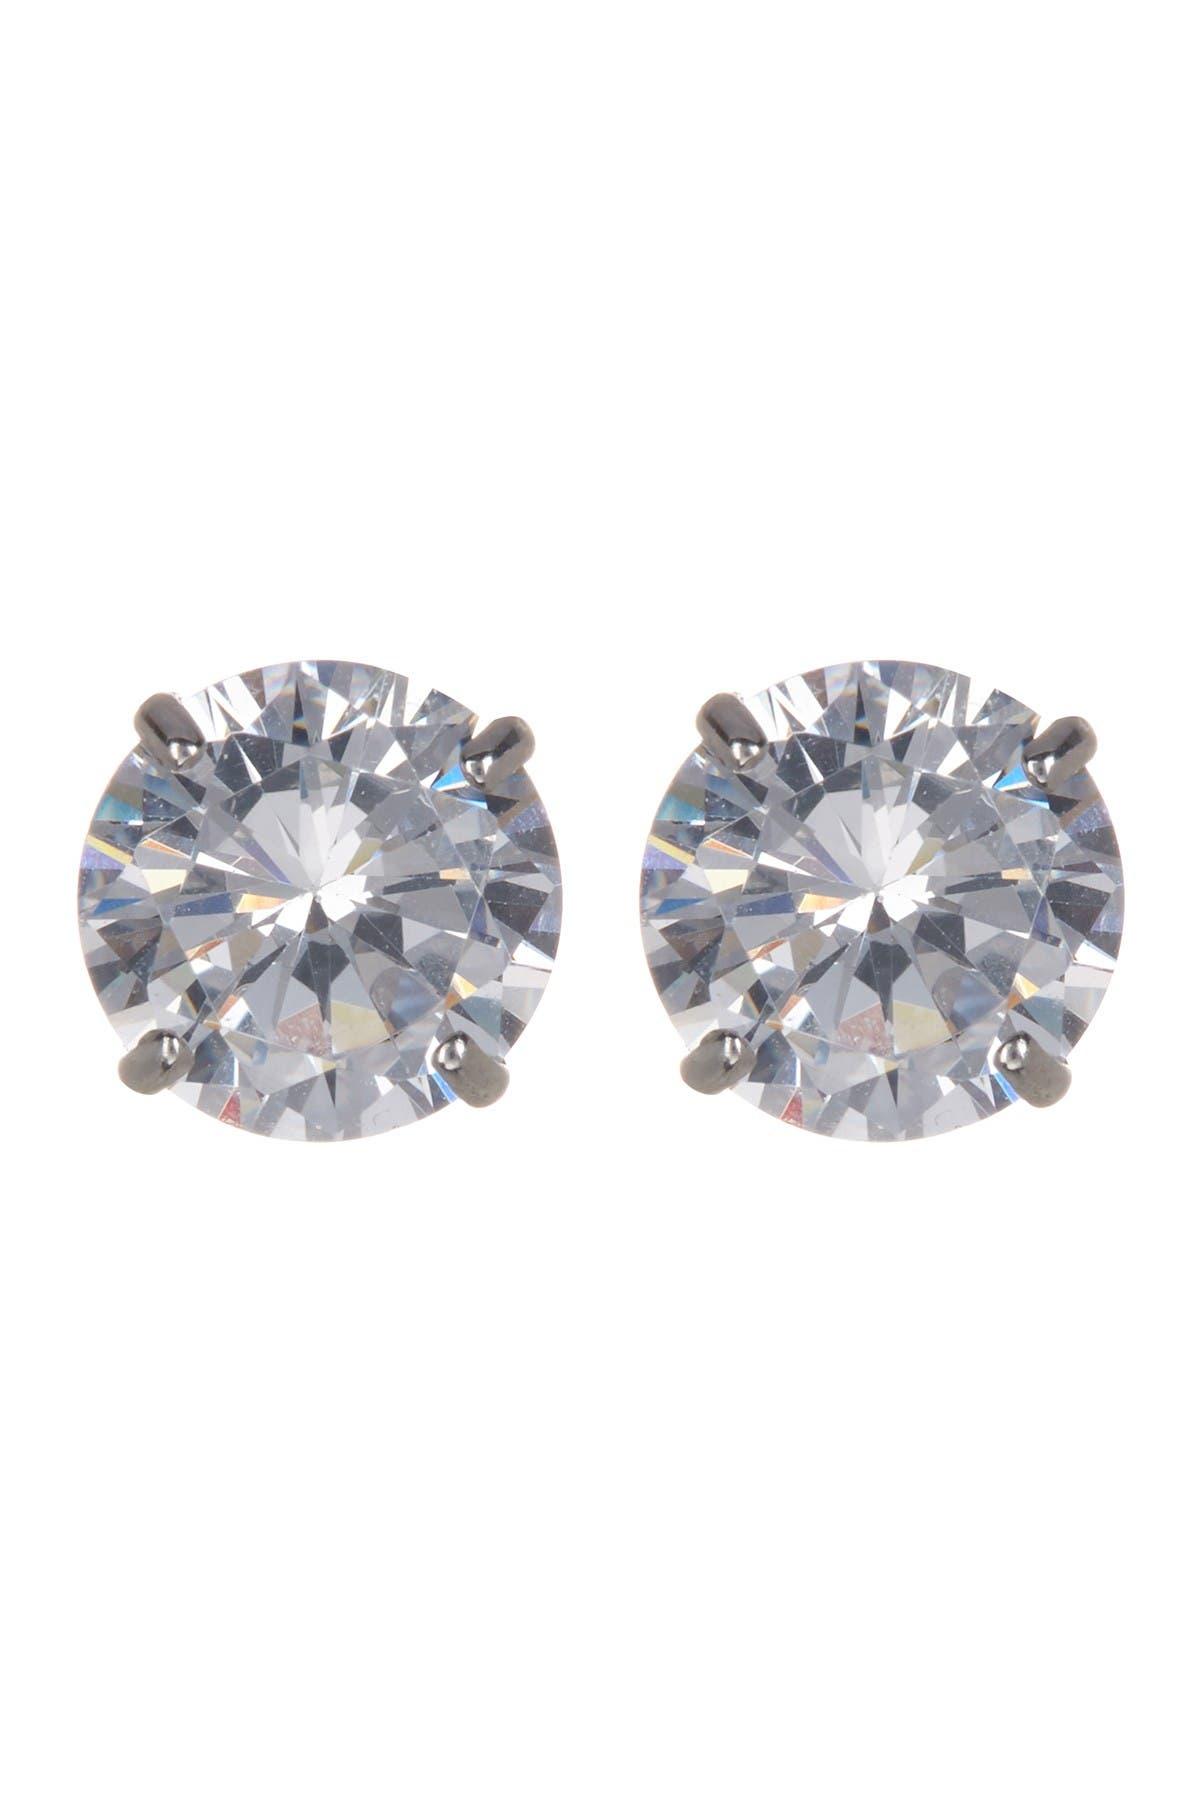 Image of Candela 14K White Gold CZ Stud Earrings